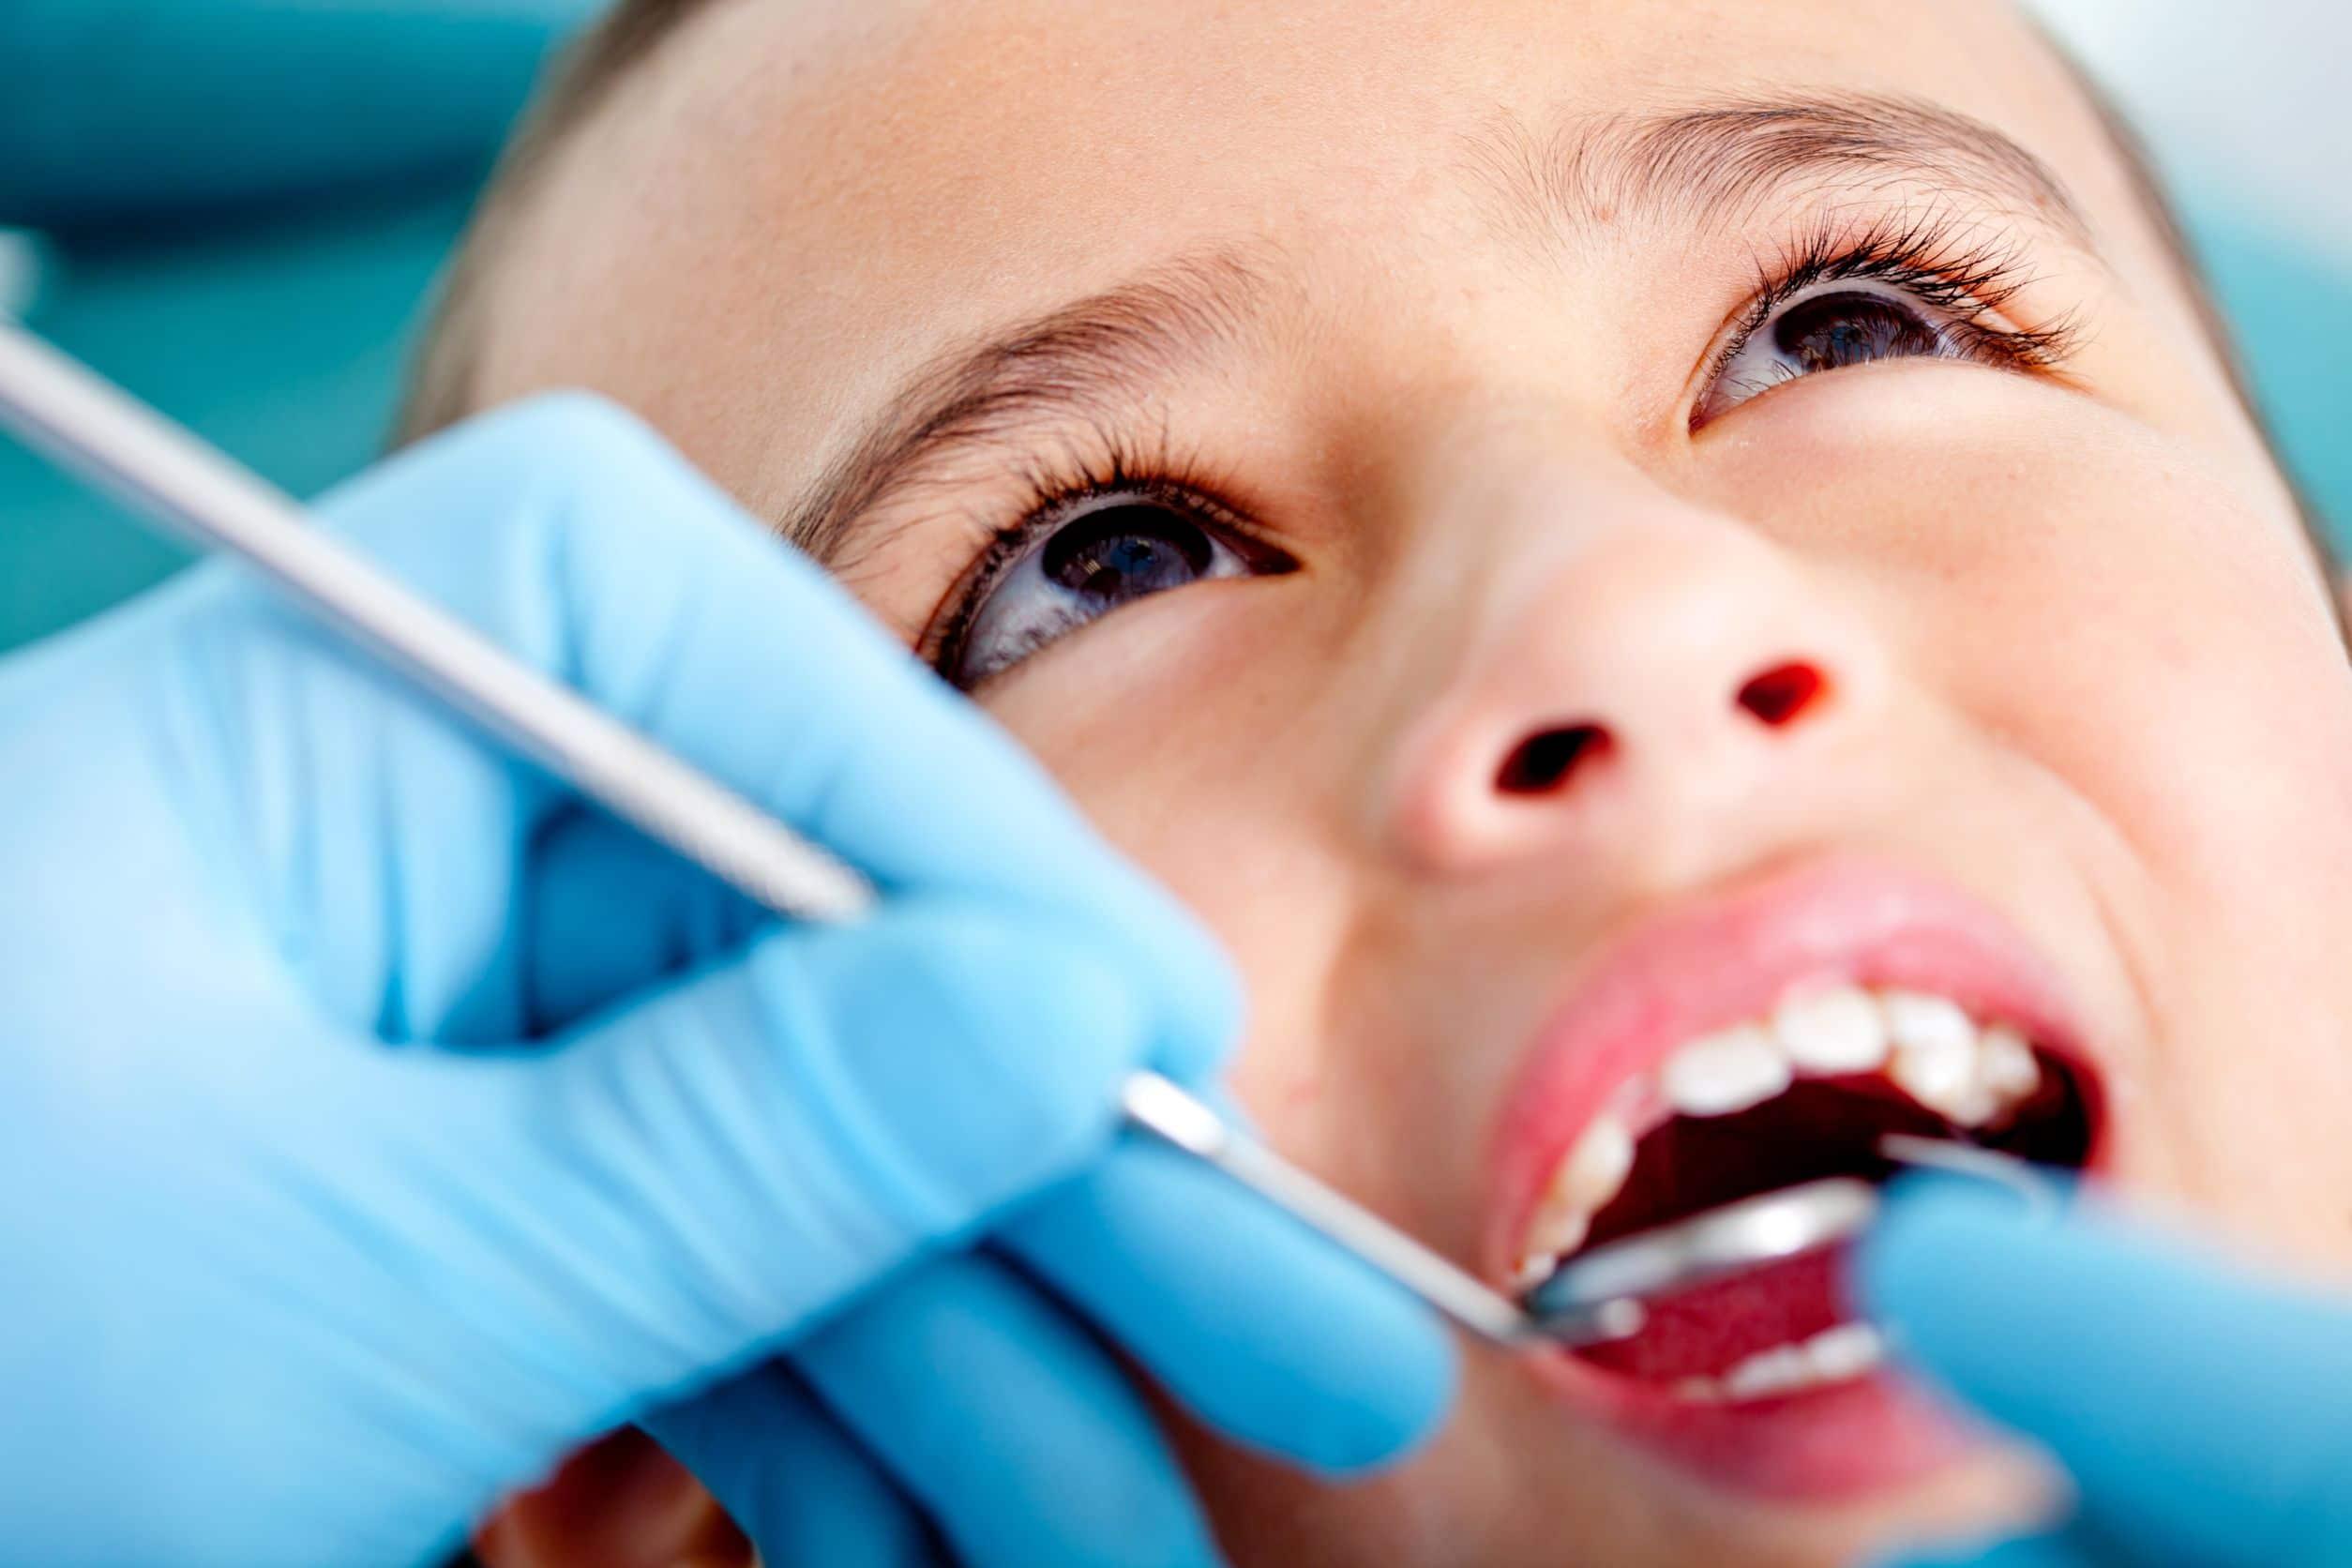 Problèmes dentaires chez les enfants